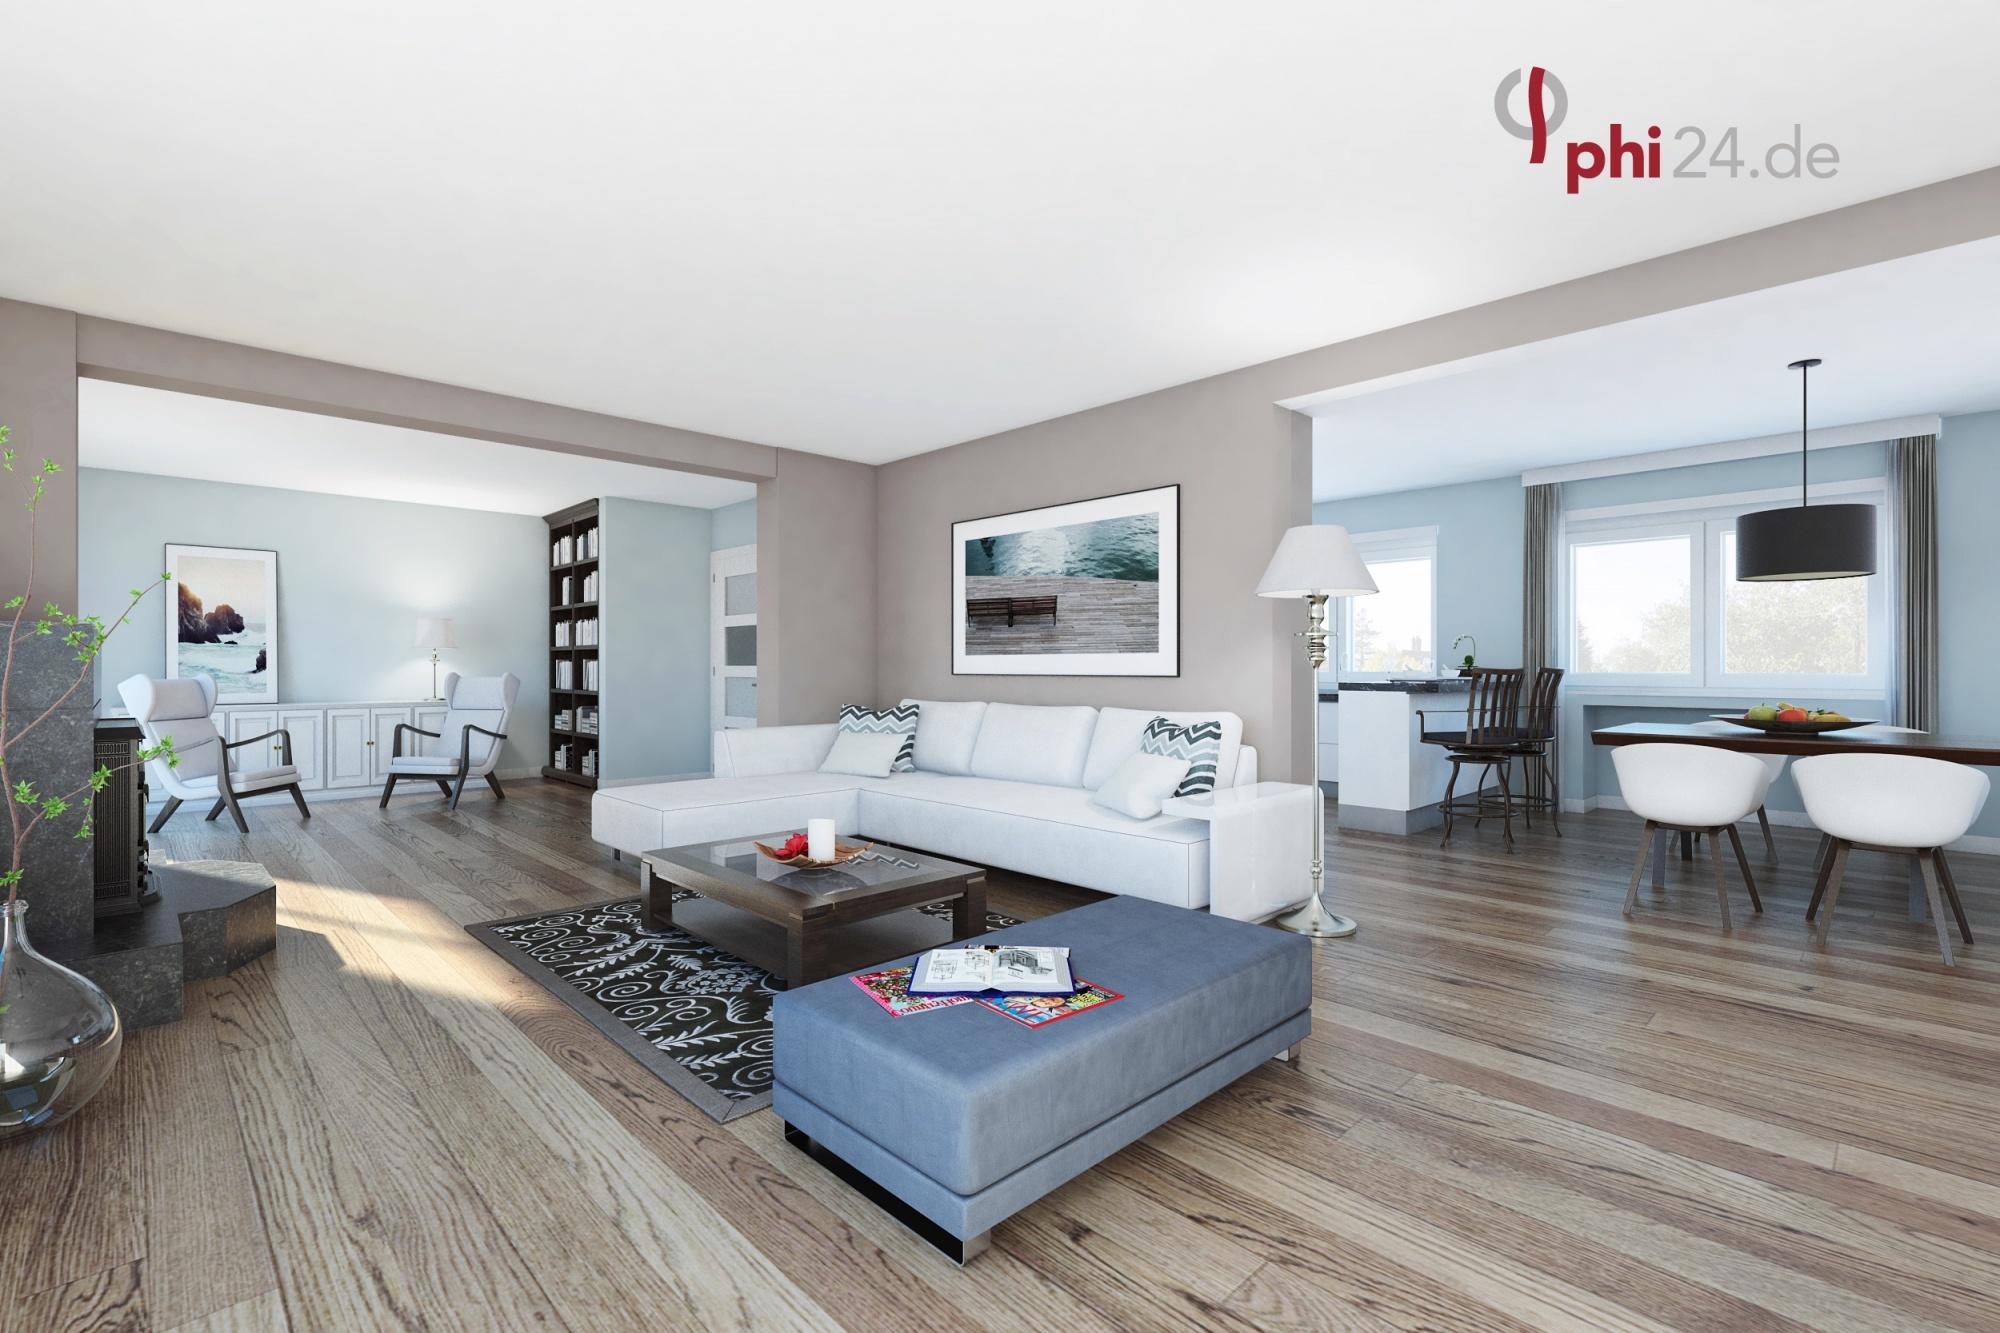 Immobilienmakler Würselen Bungalow referenzen mit Immobilienbewertung